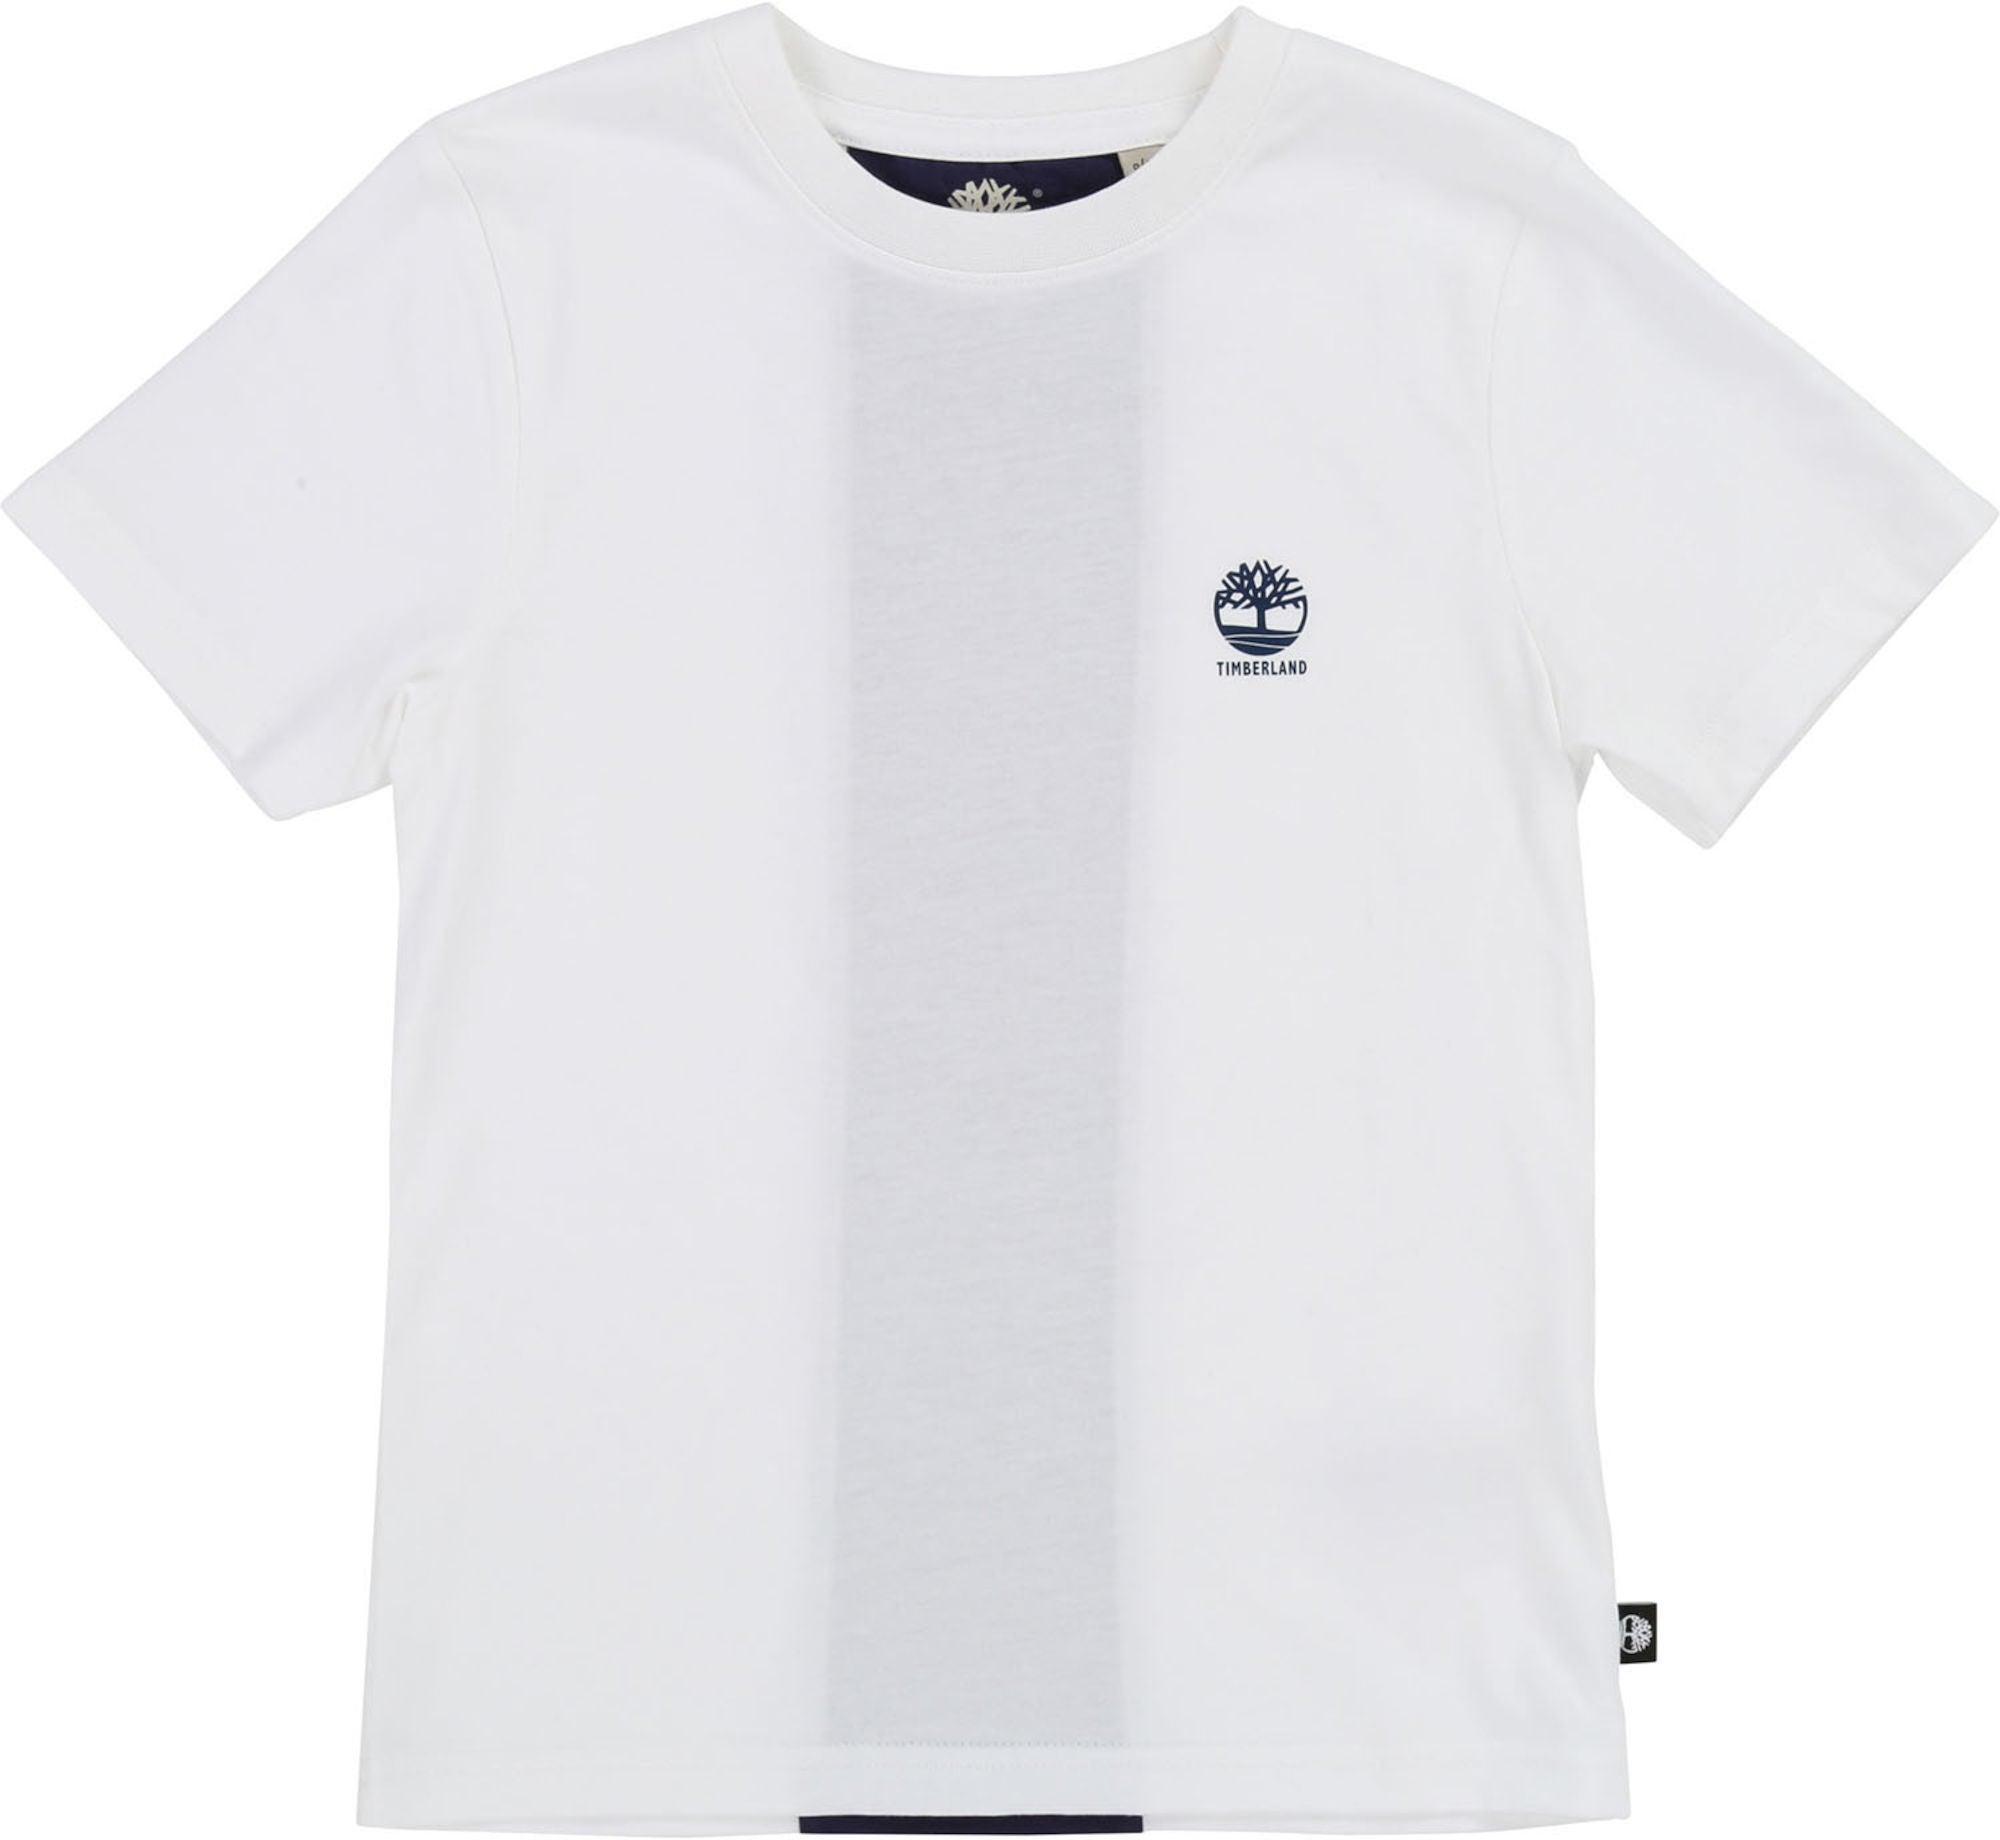 350373d9803 Köp Timberland T-Shirt, White   Jollyroom